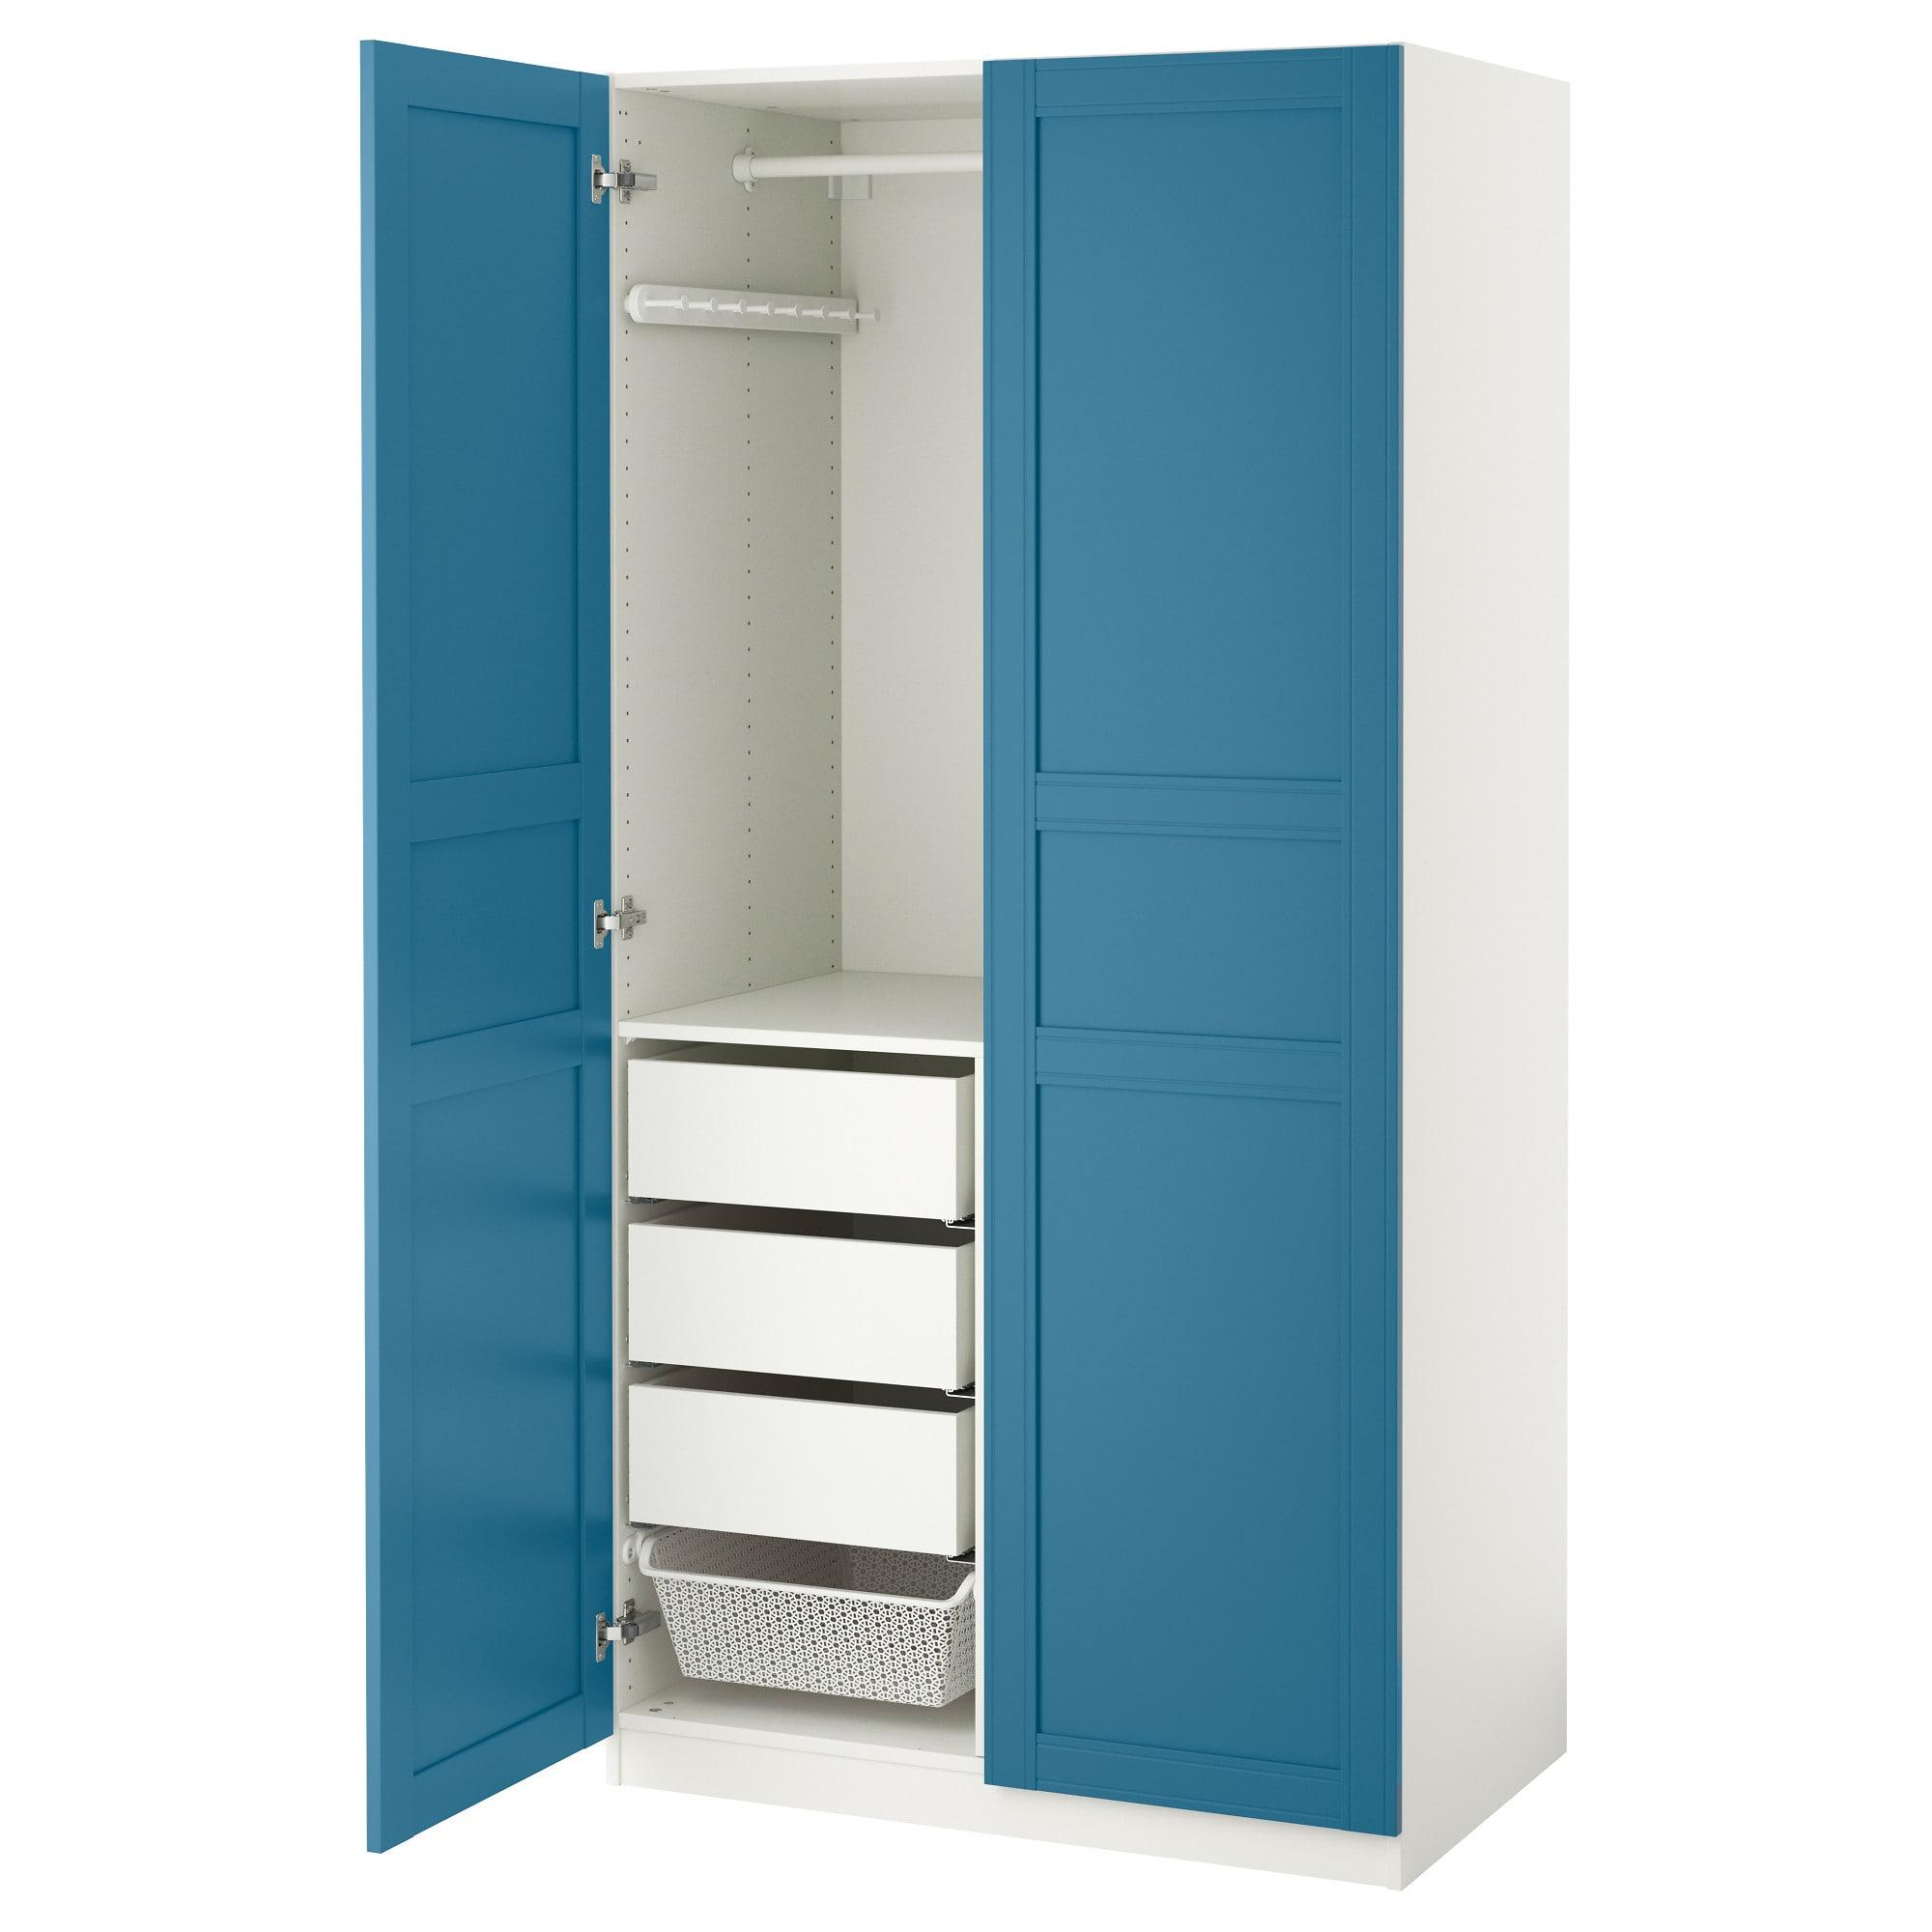 PAX Kleiderschrank weiß, Flisberget blau Products in